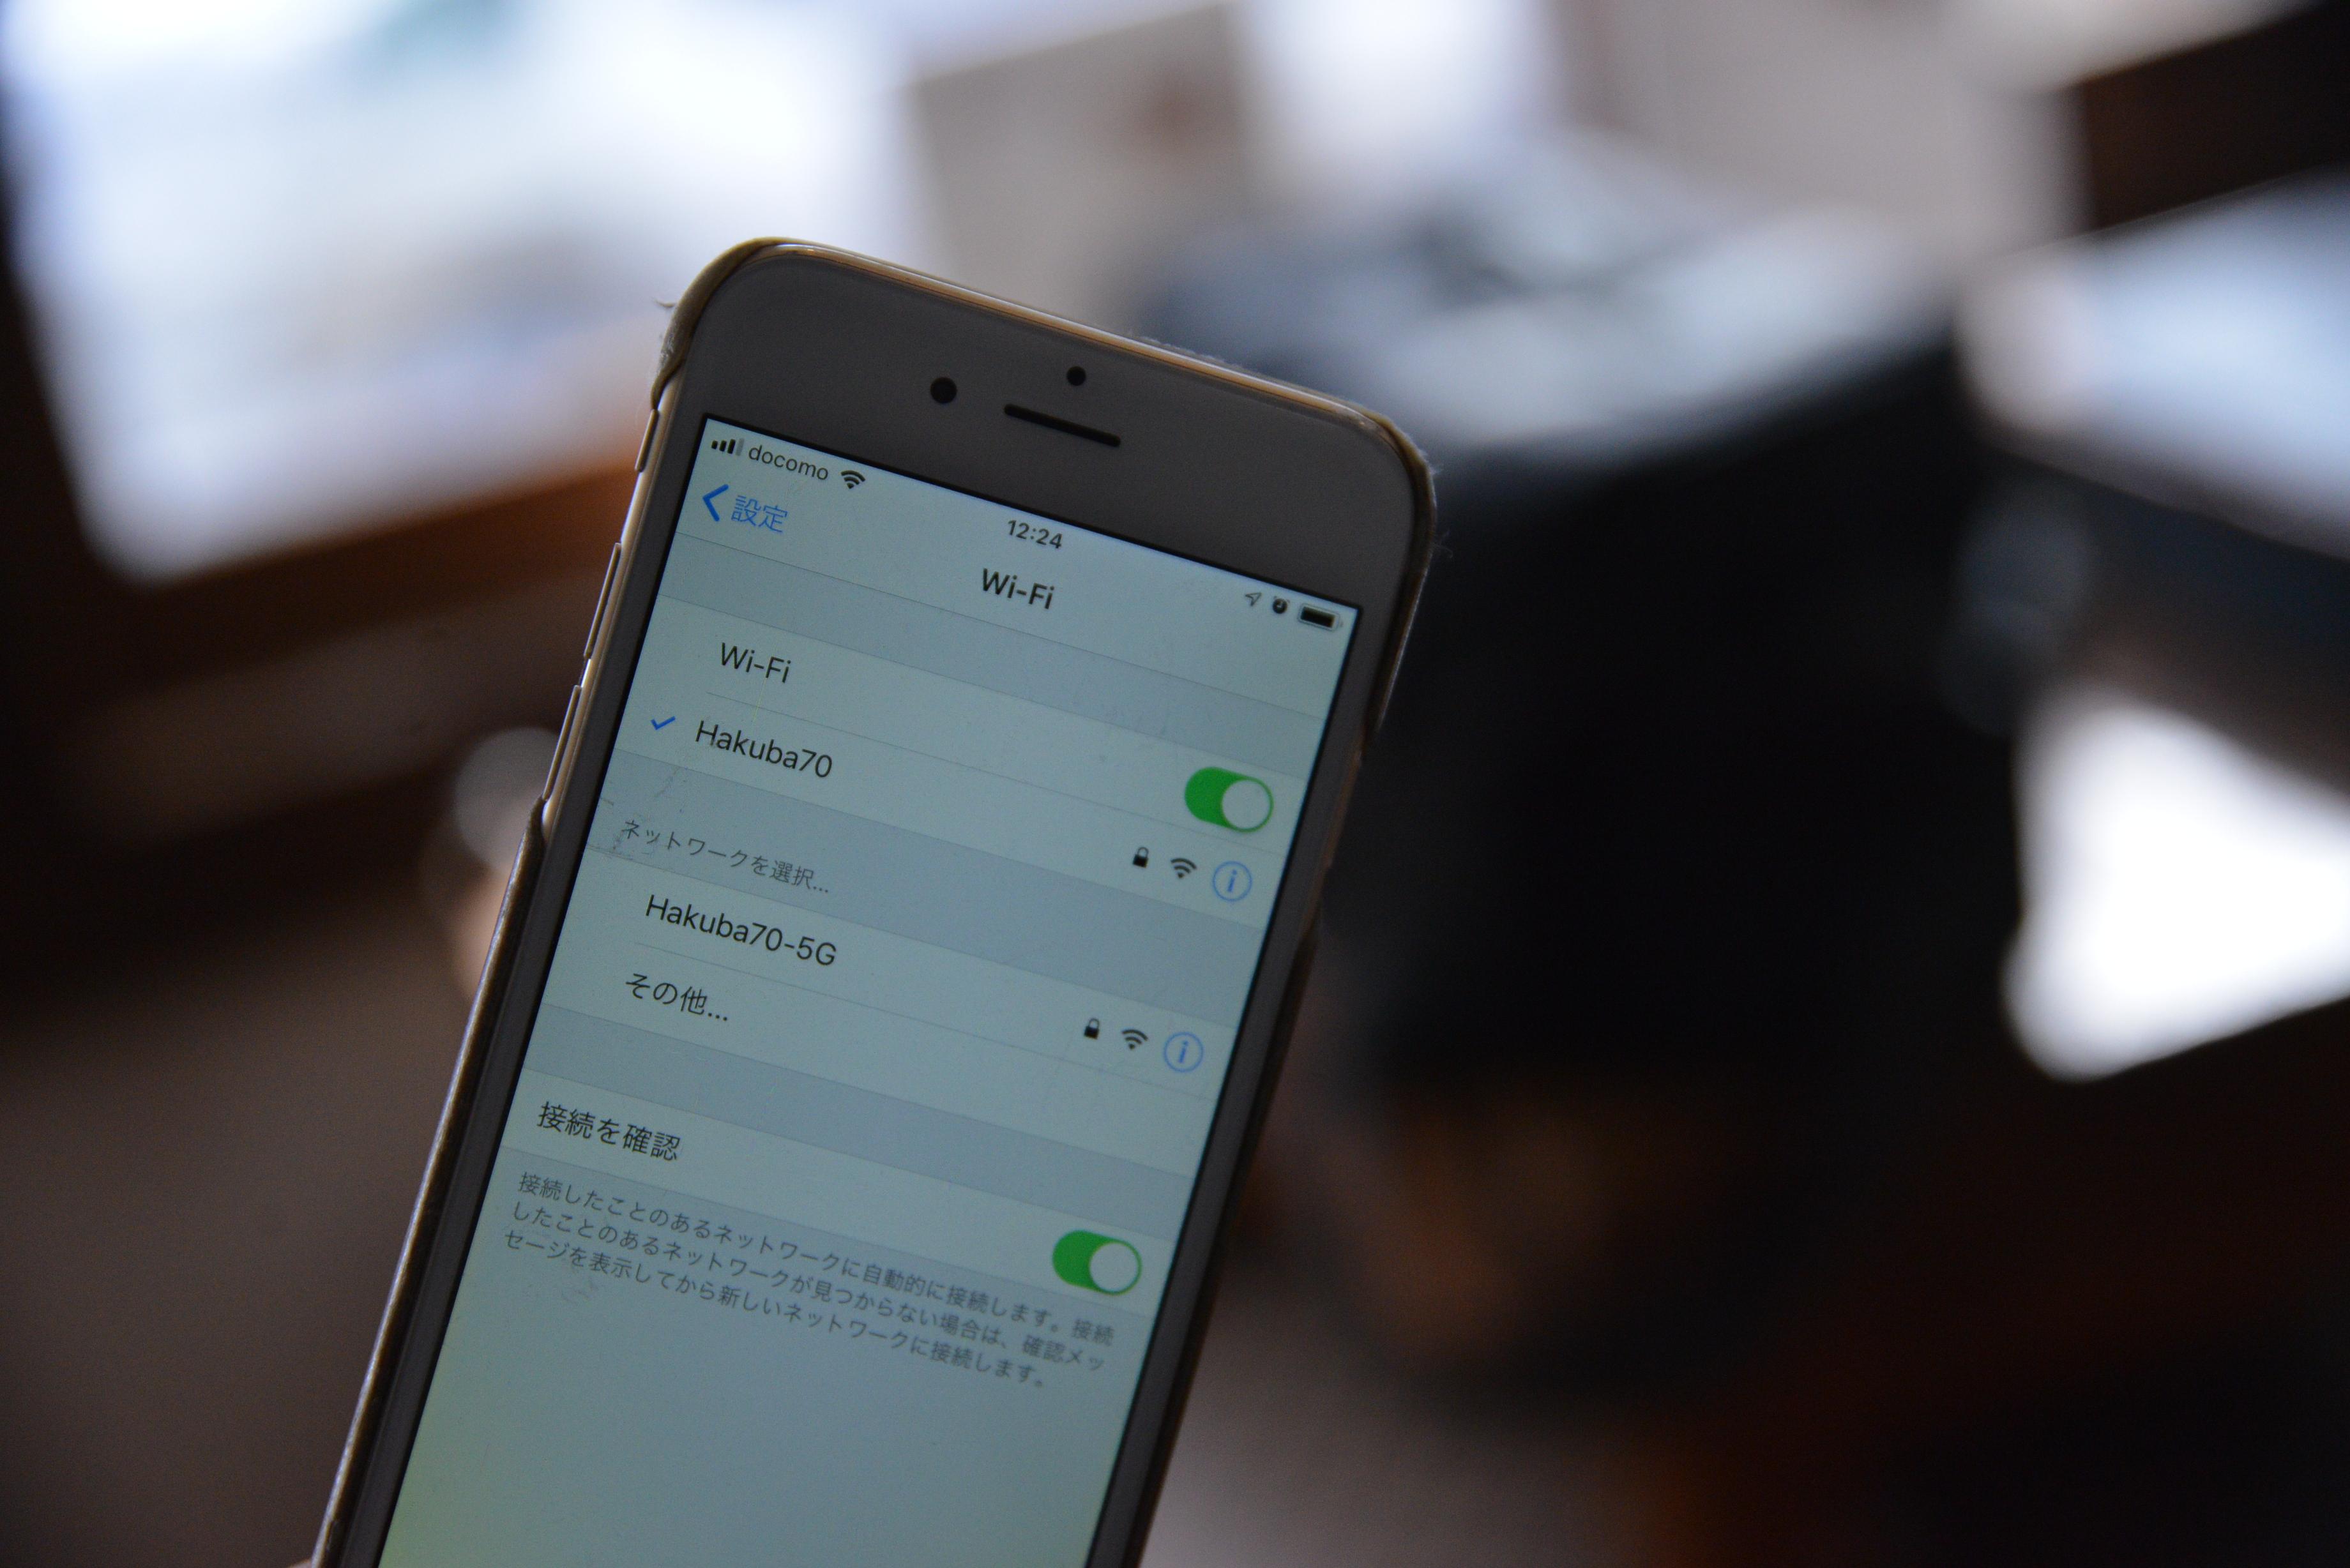 iPhoneでWiFiをテスト